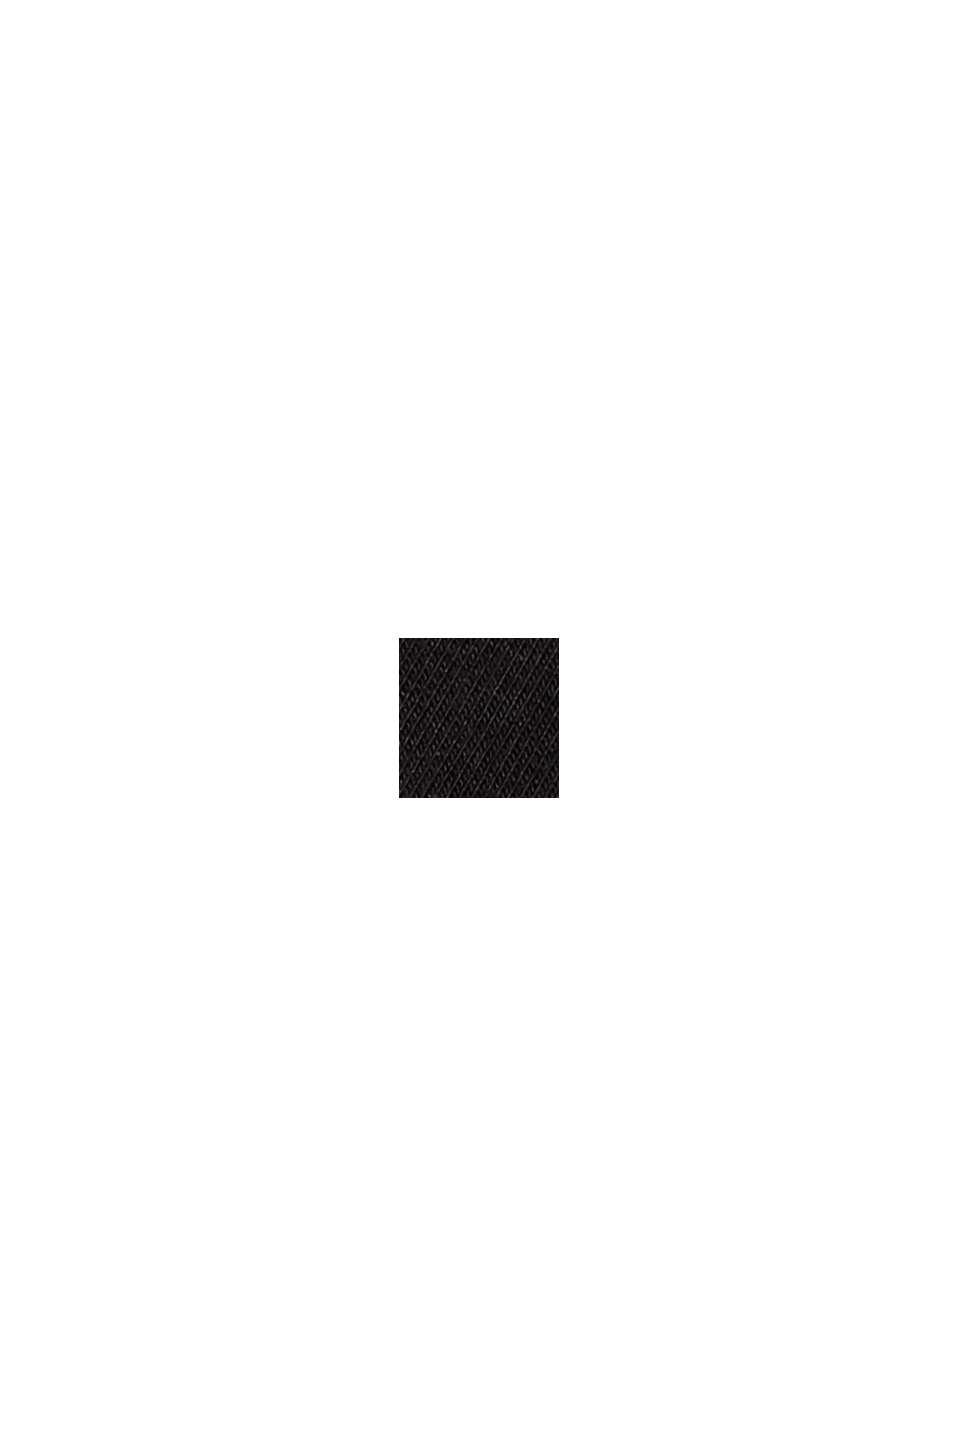 Maglia da pigiama con pizzo, LENZING™ ECOVERO™, BLACK, swatch